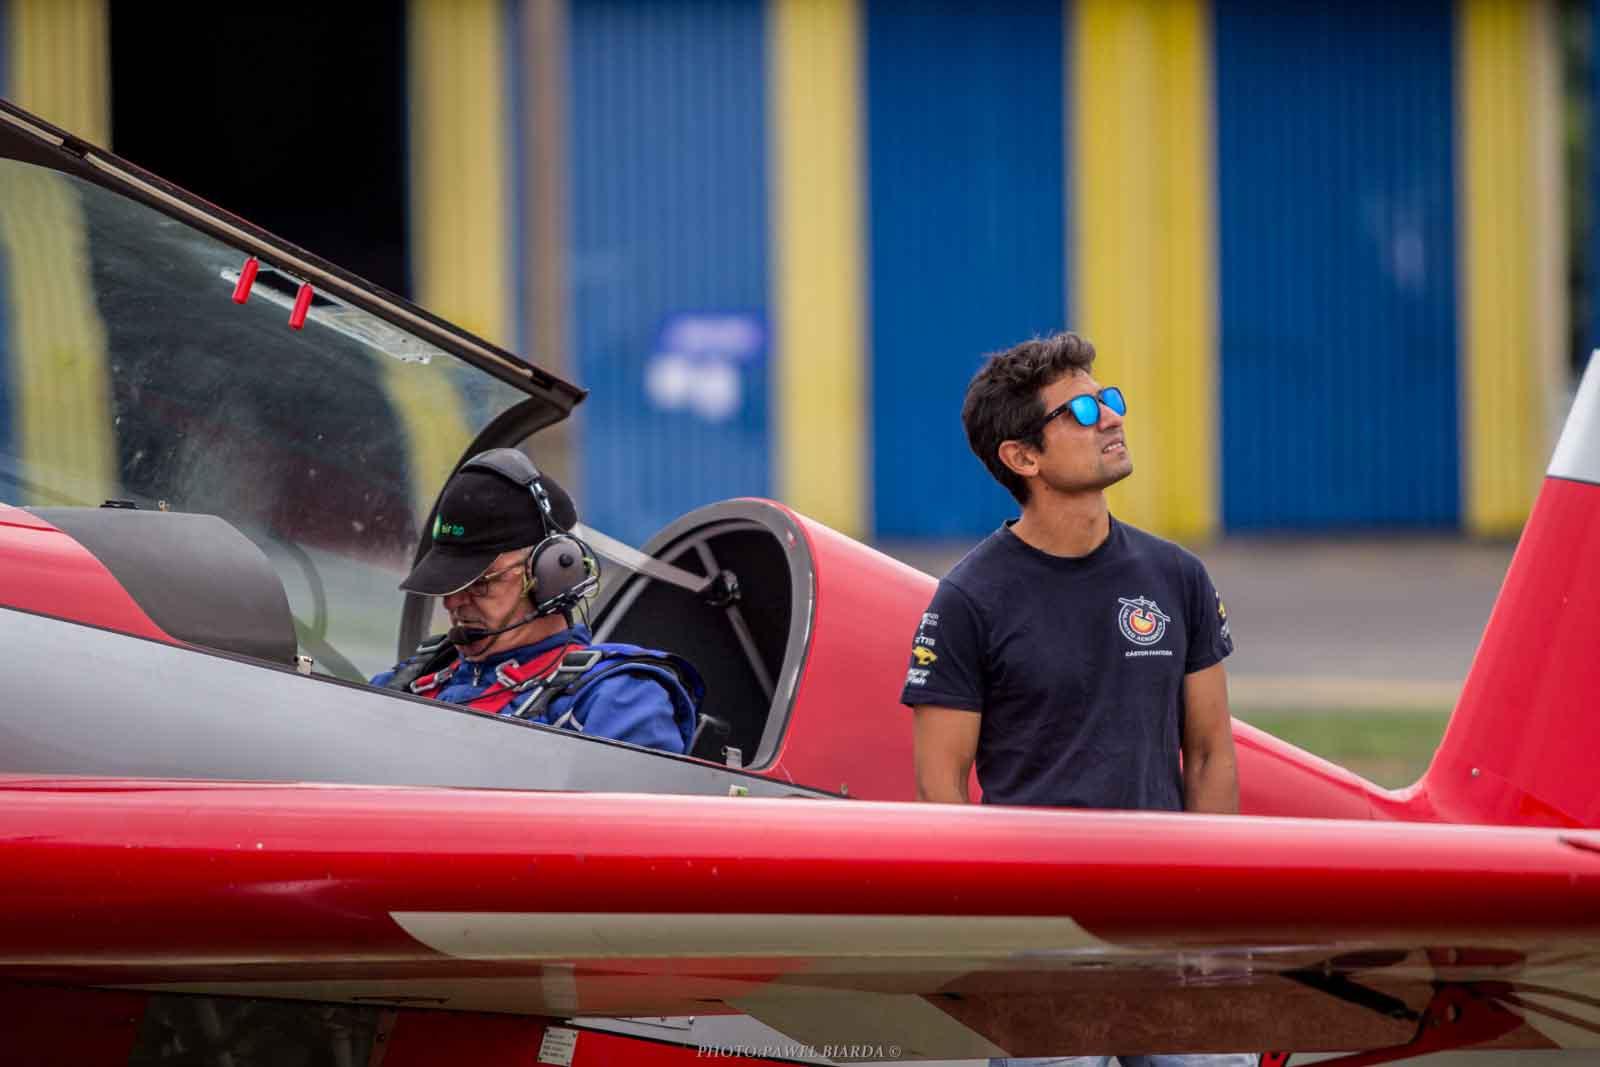 Buen papel de los pilotos españoles en el Campeonato mundial de vuelo acrobático avanzado